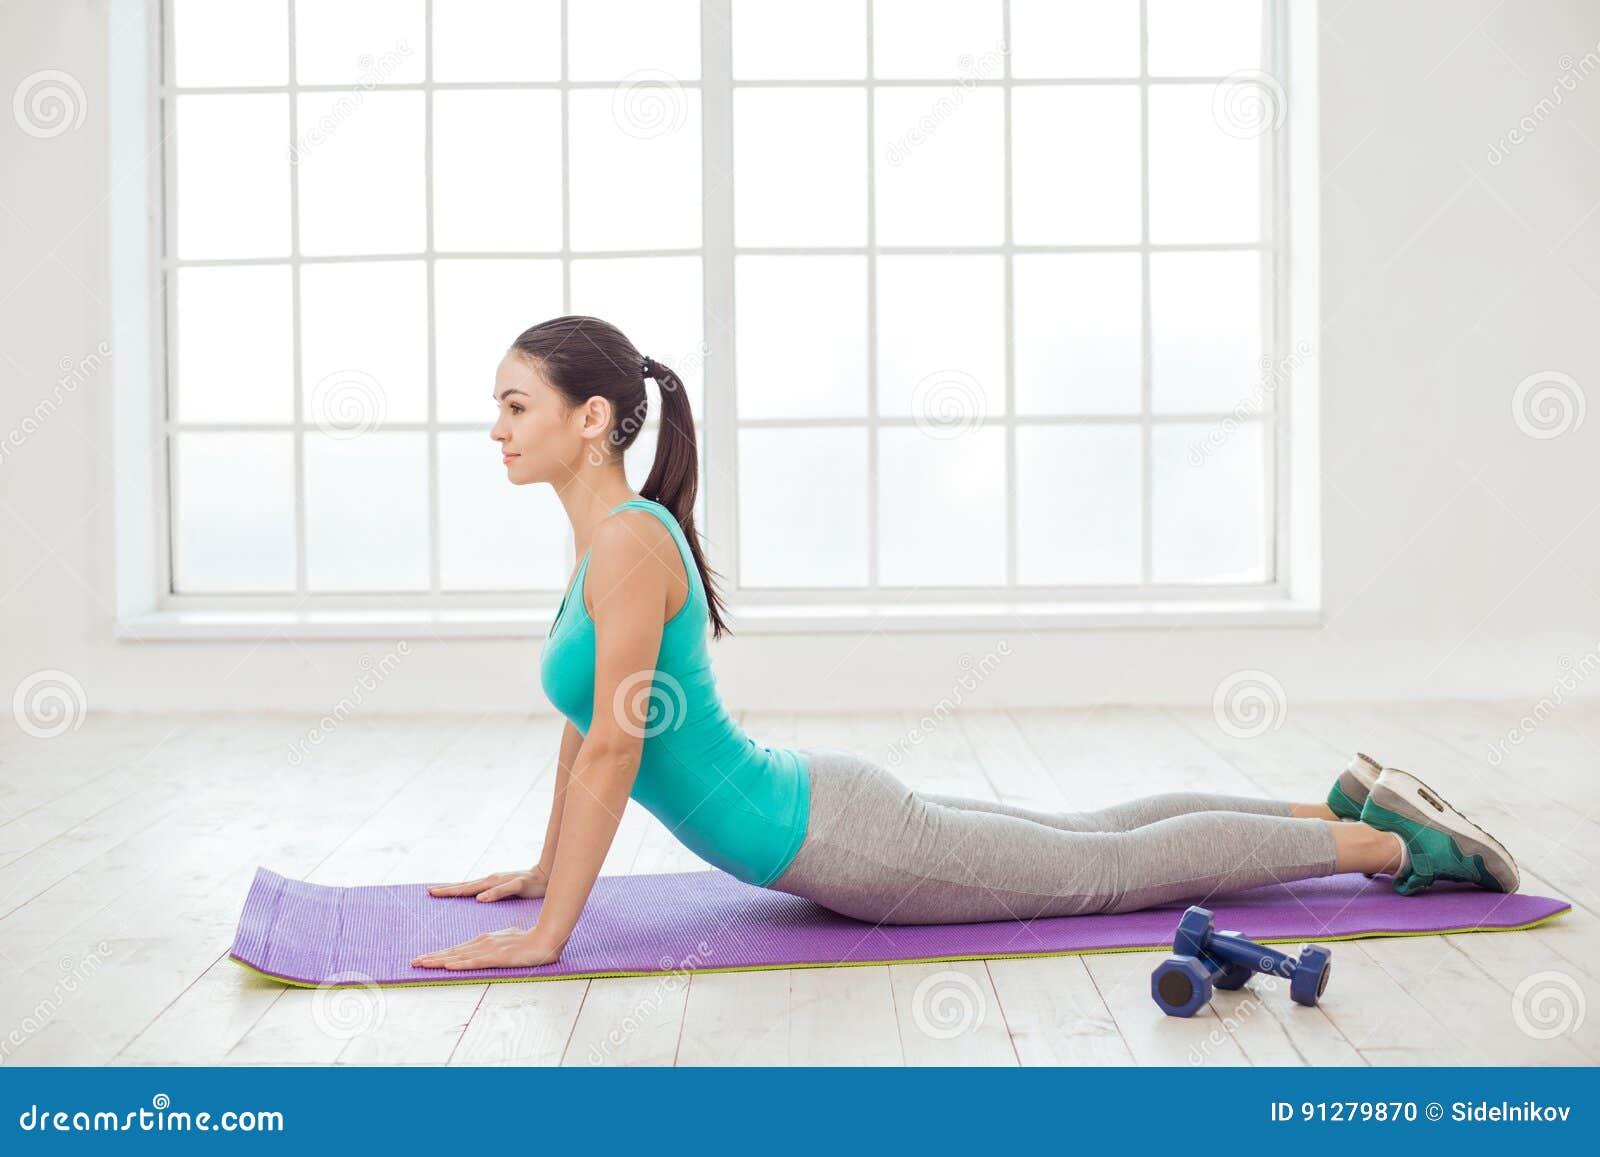 För sportgenomkörare för ung kvinna begrepp för livsstil sunt